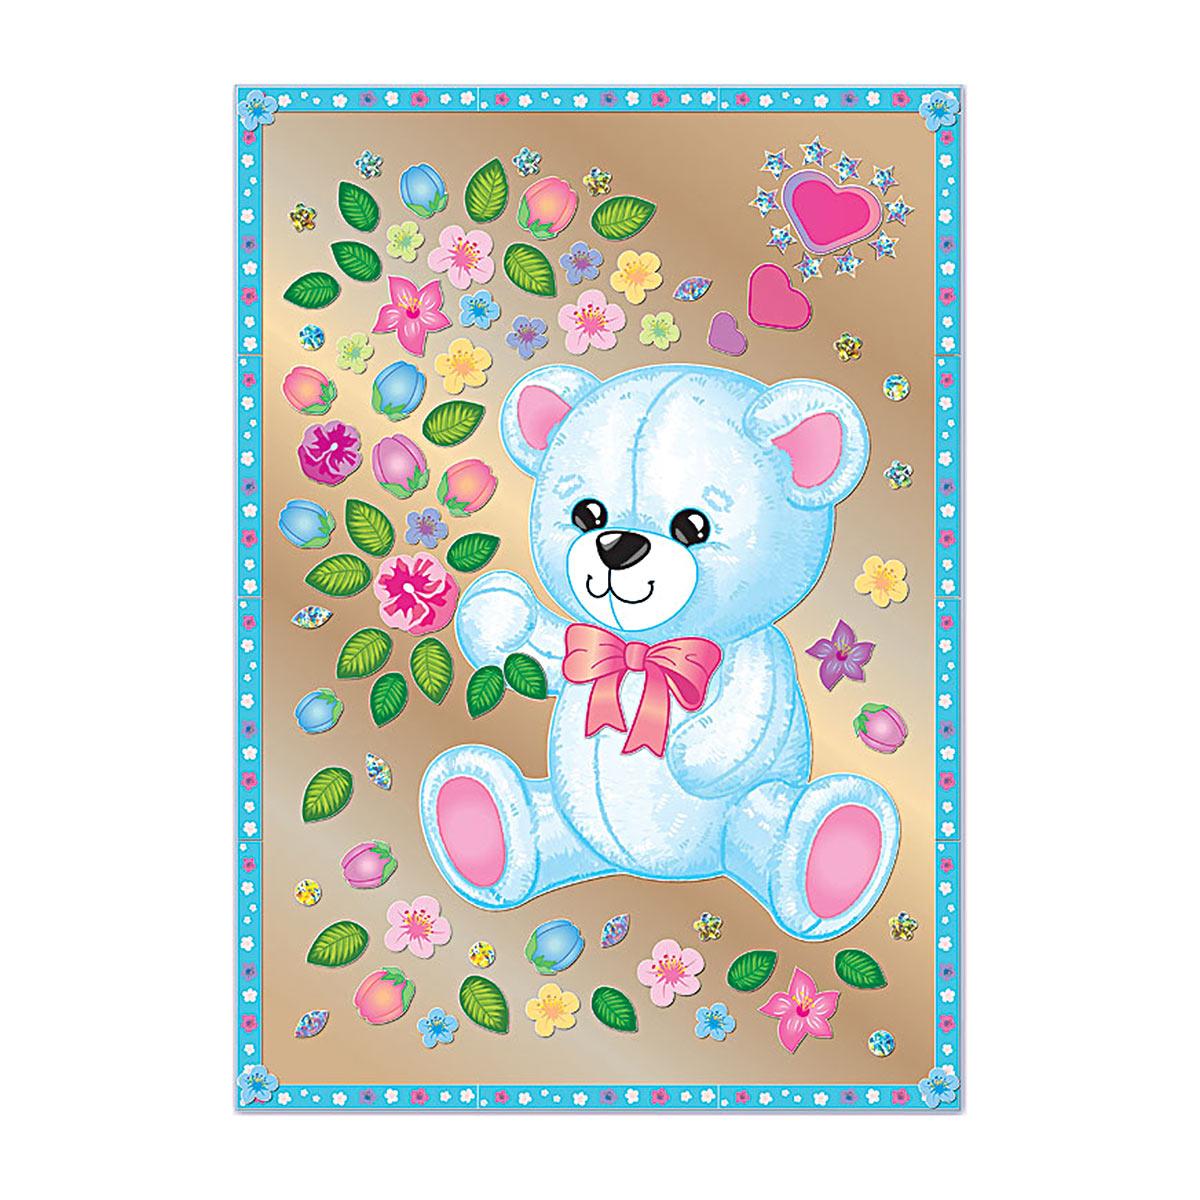 АС 43-242 Набор для изготовления картины 'Мишка с цветами' (антистресс) 295*210 мм Клевер